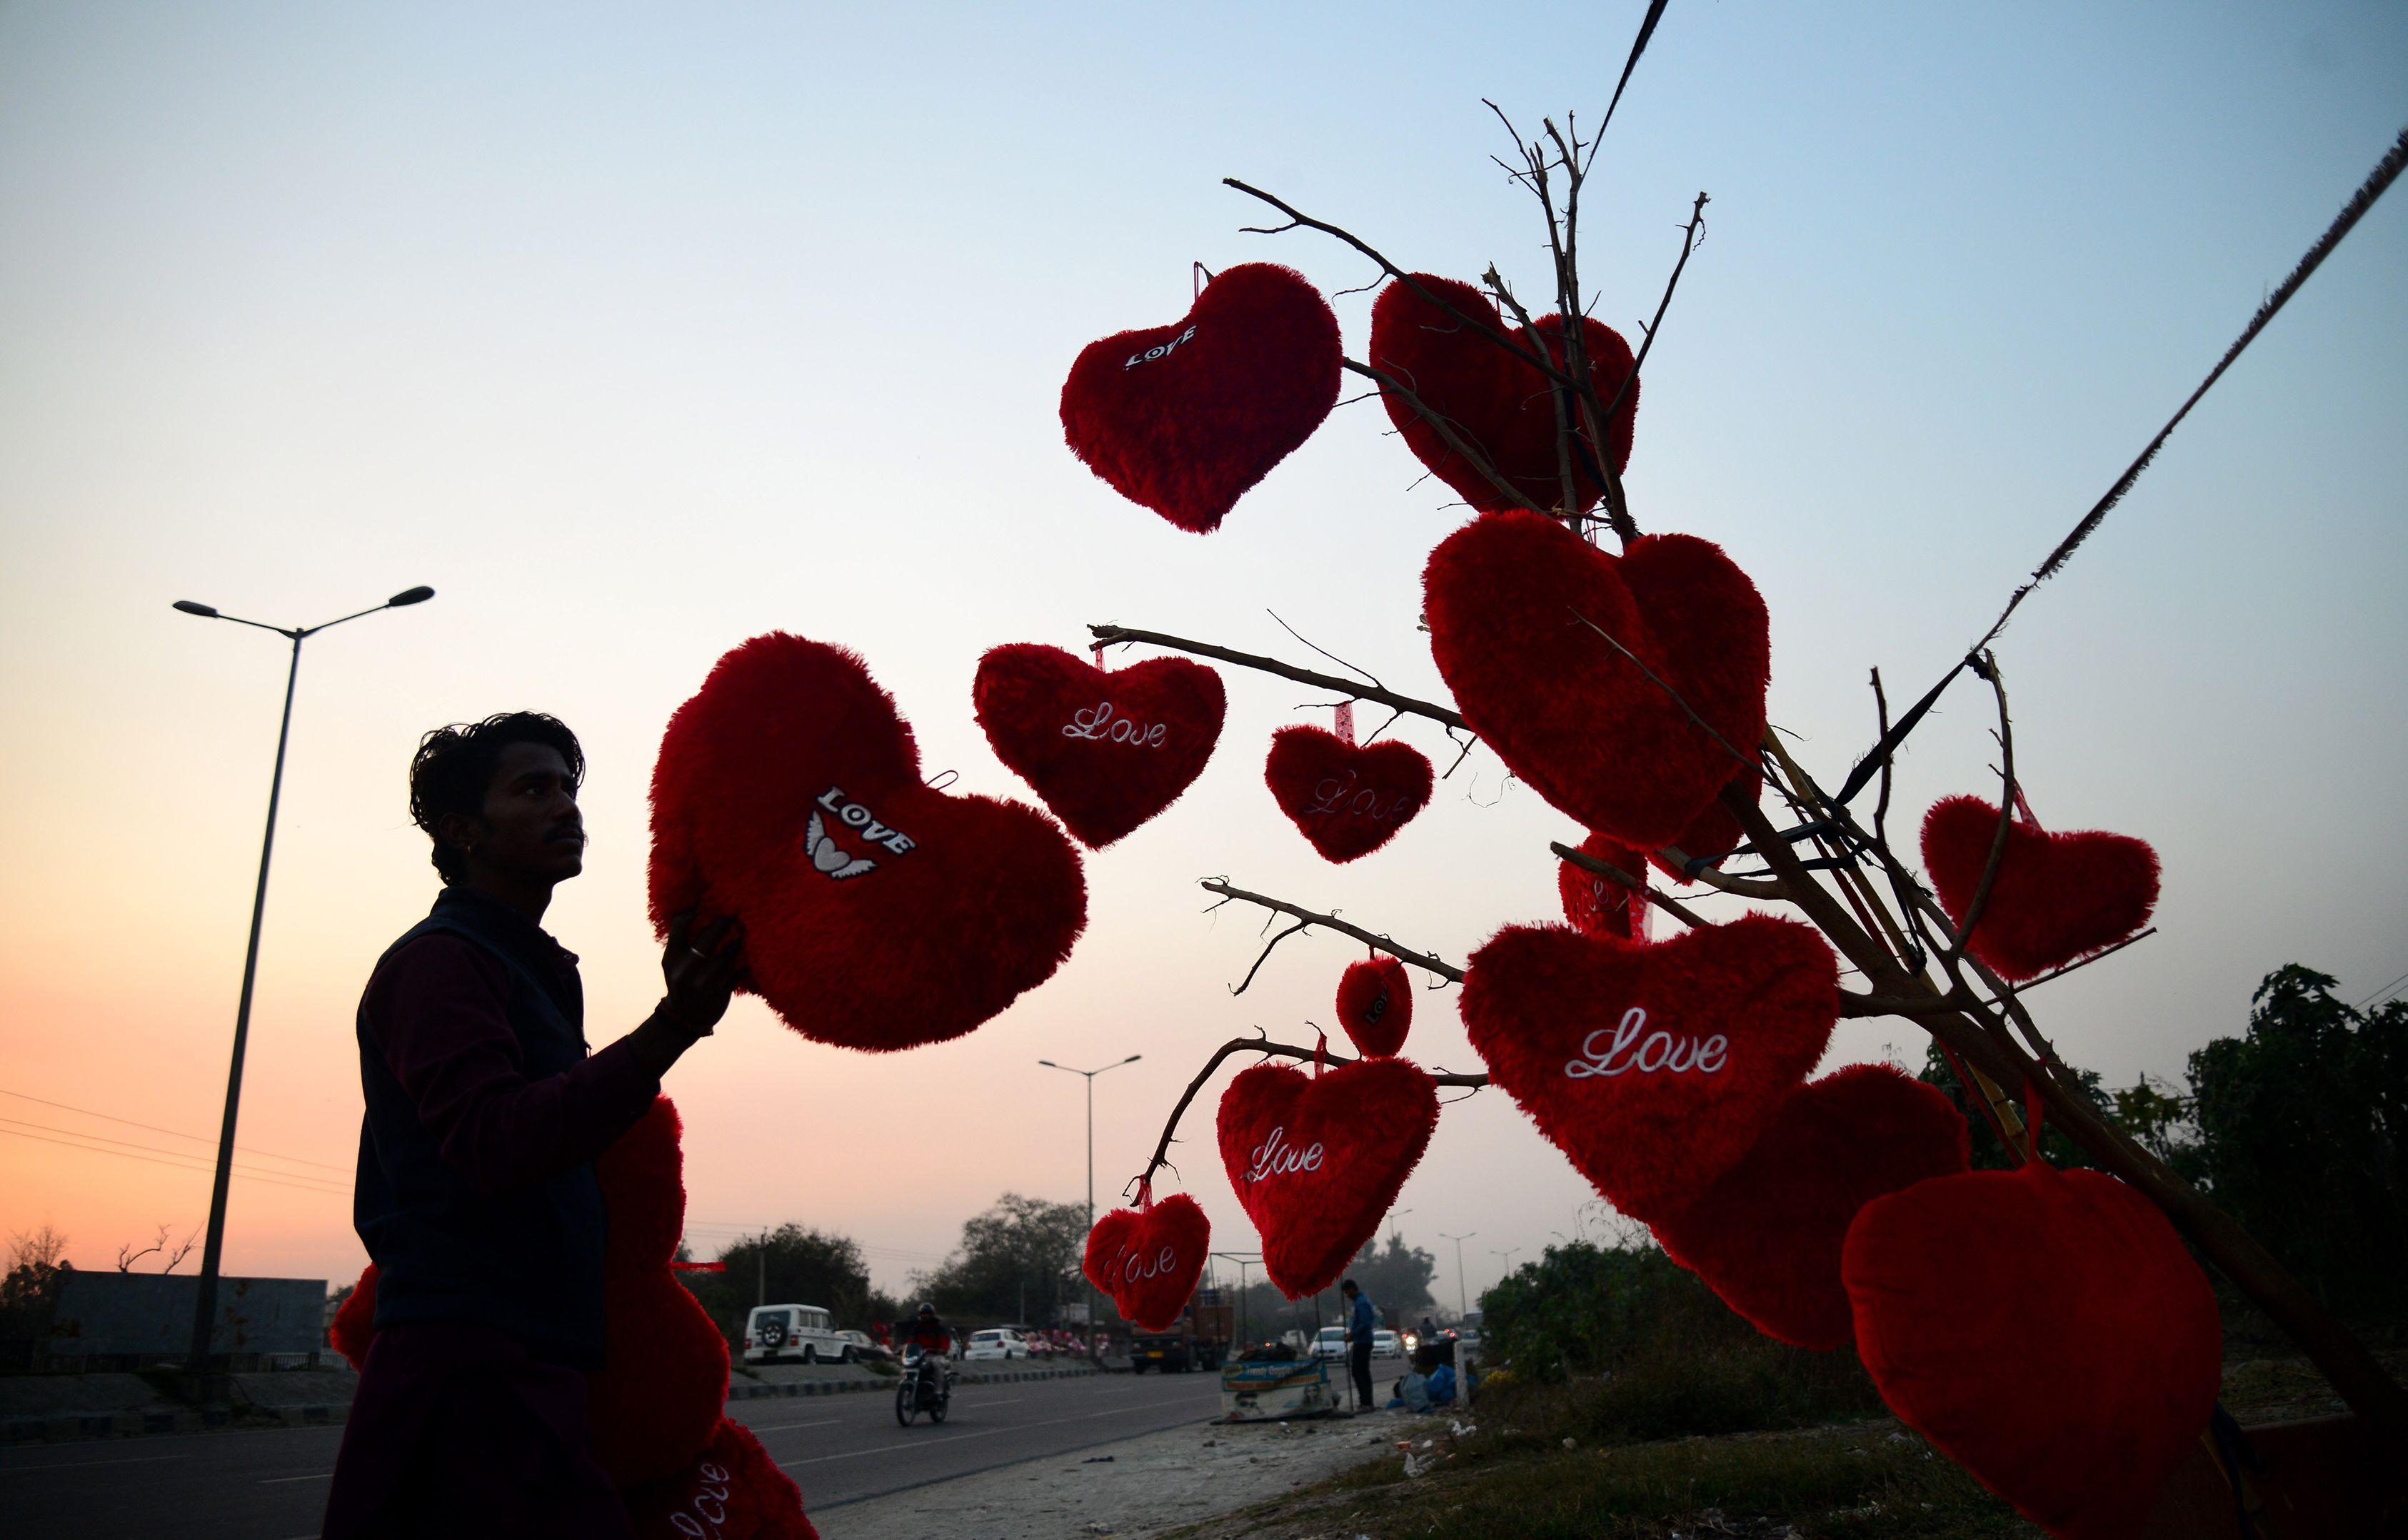 قلوب فى شوارع الهند